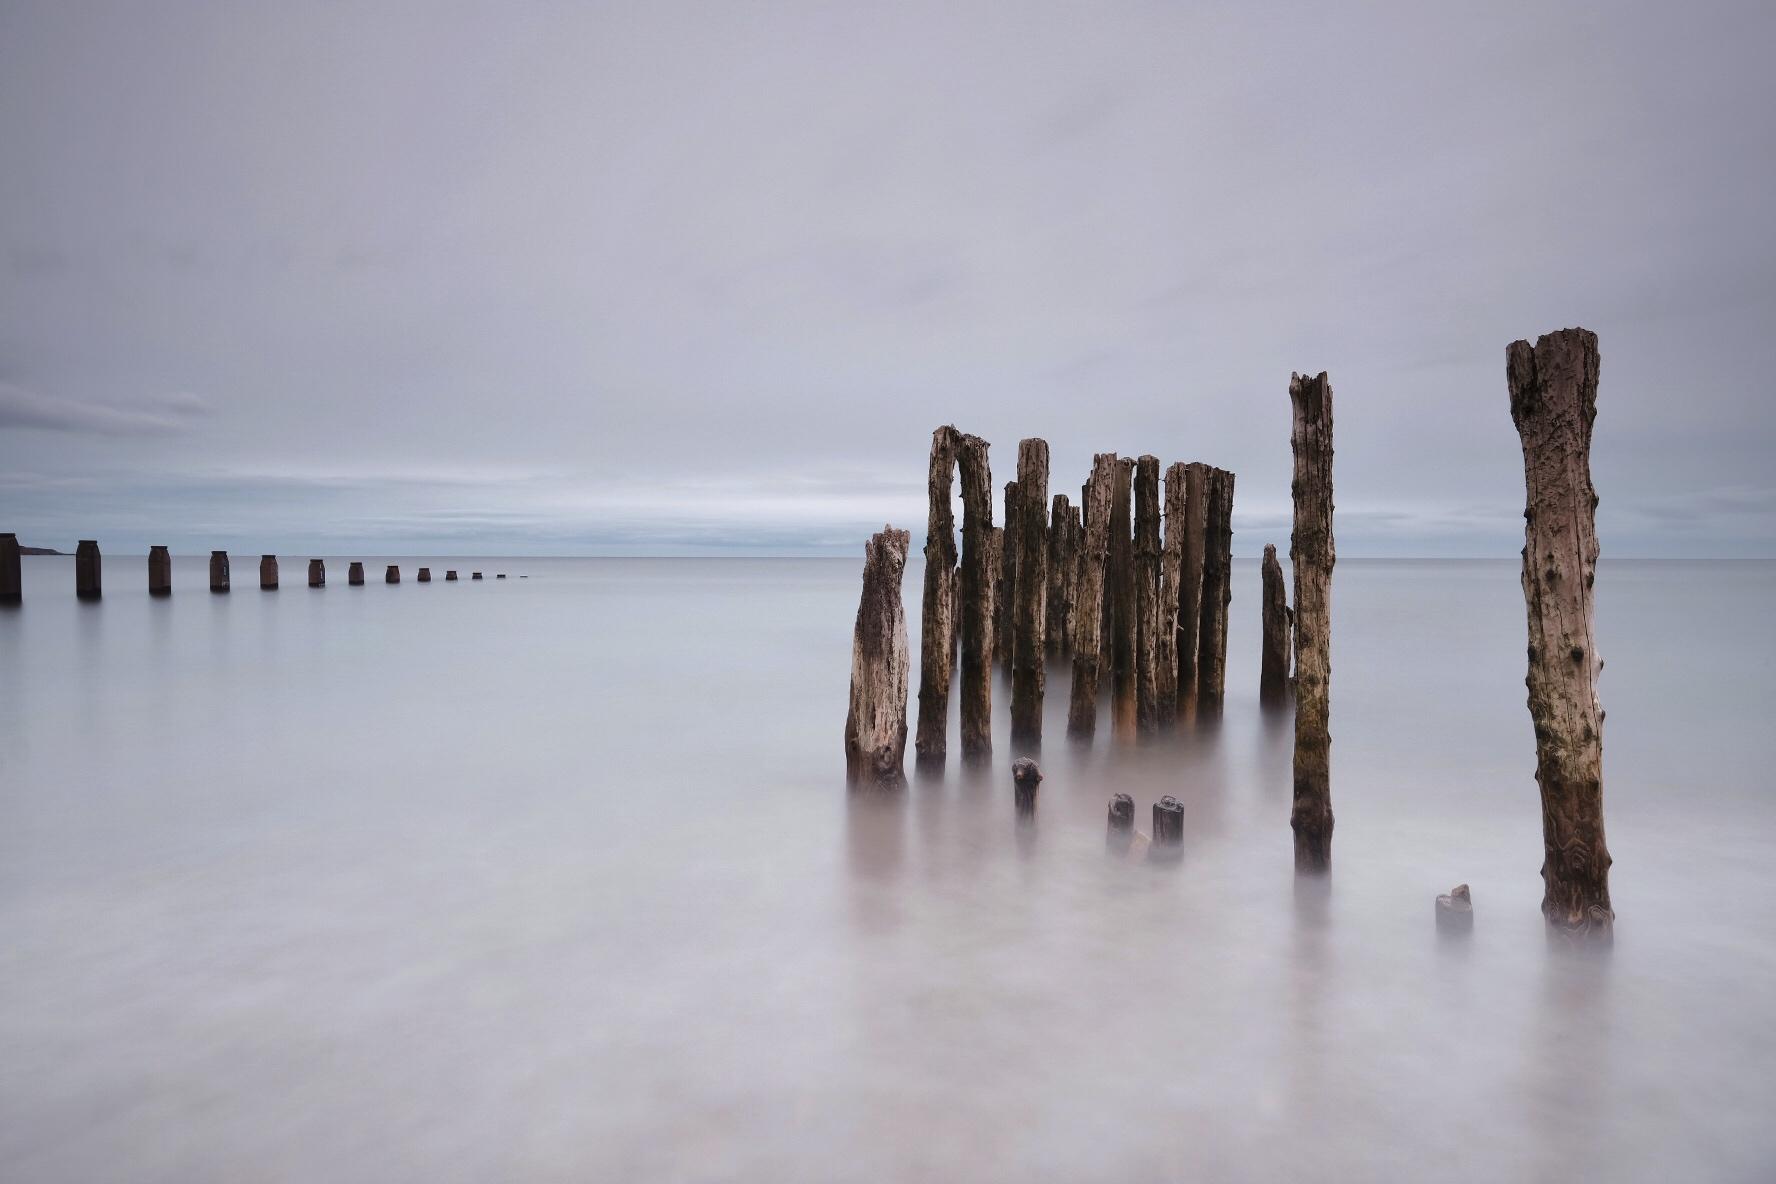 Fotografien aus dem Süden von England, 2017. © Jan Bosch